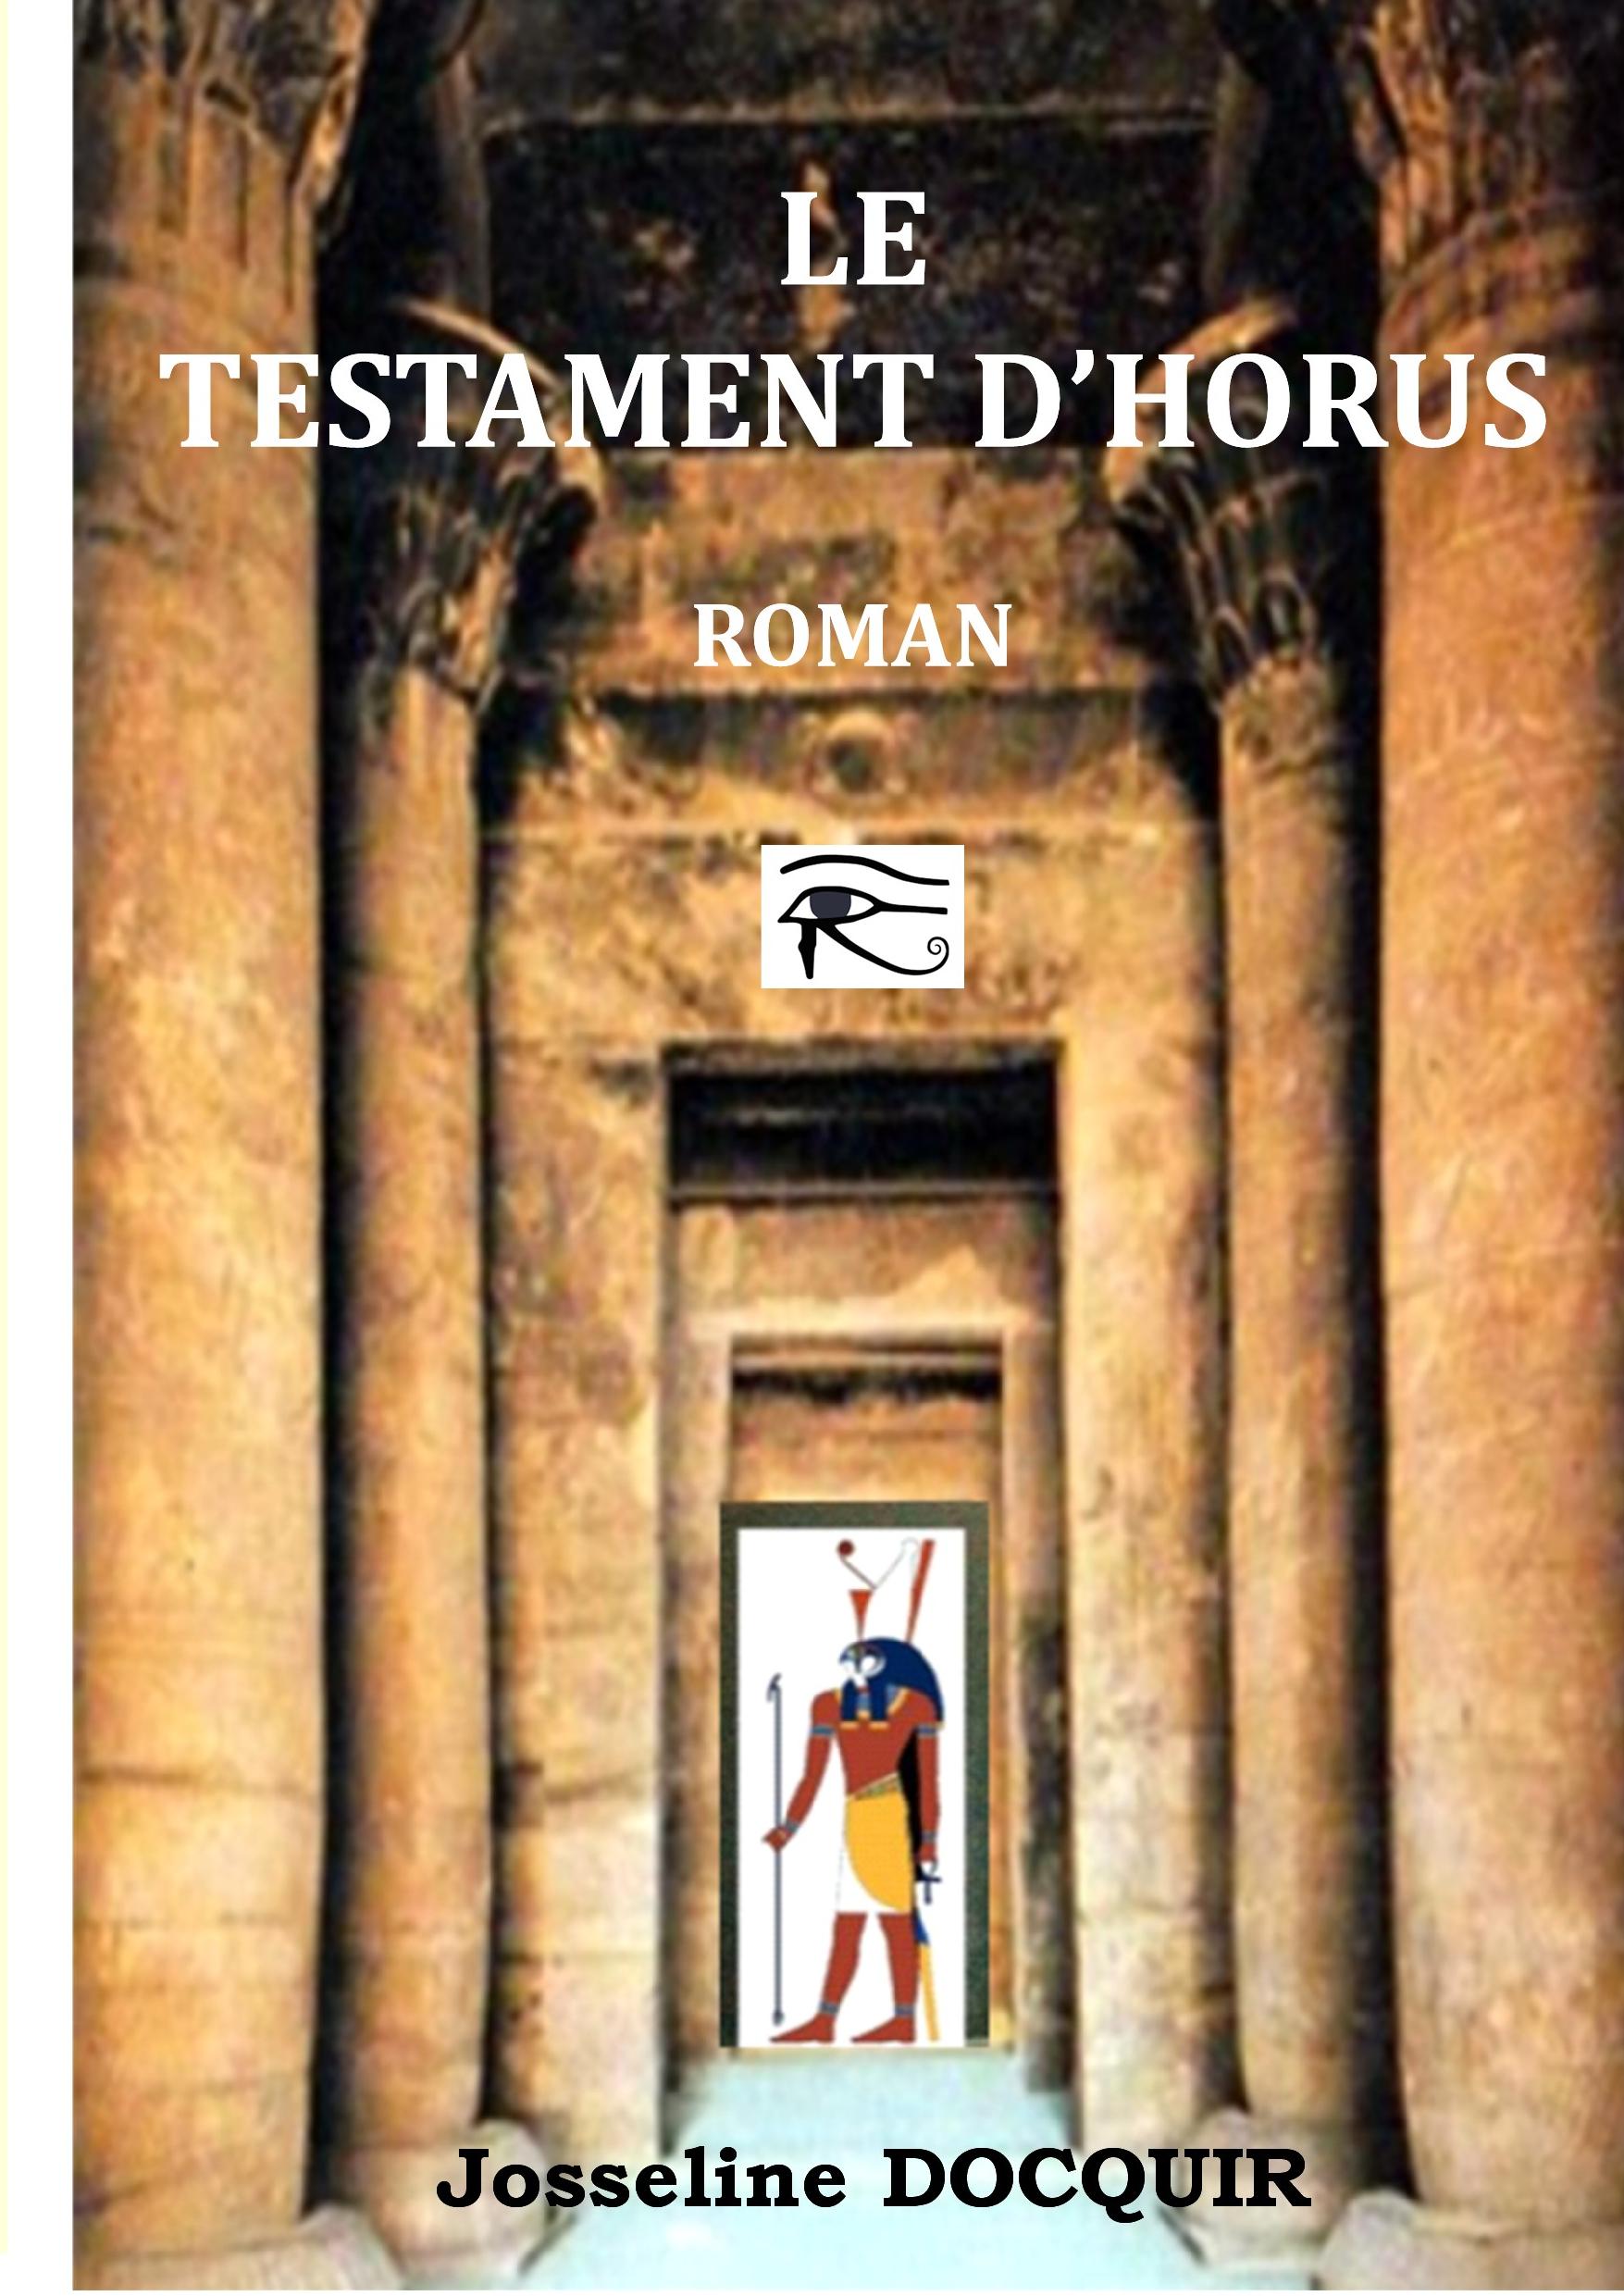 LE TESTAMENT D'HORUS